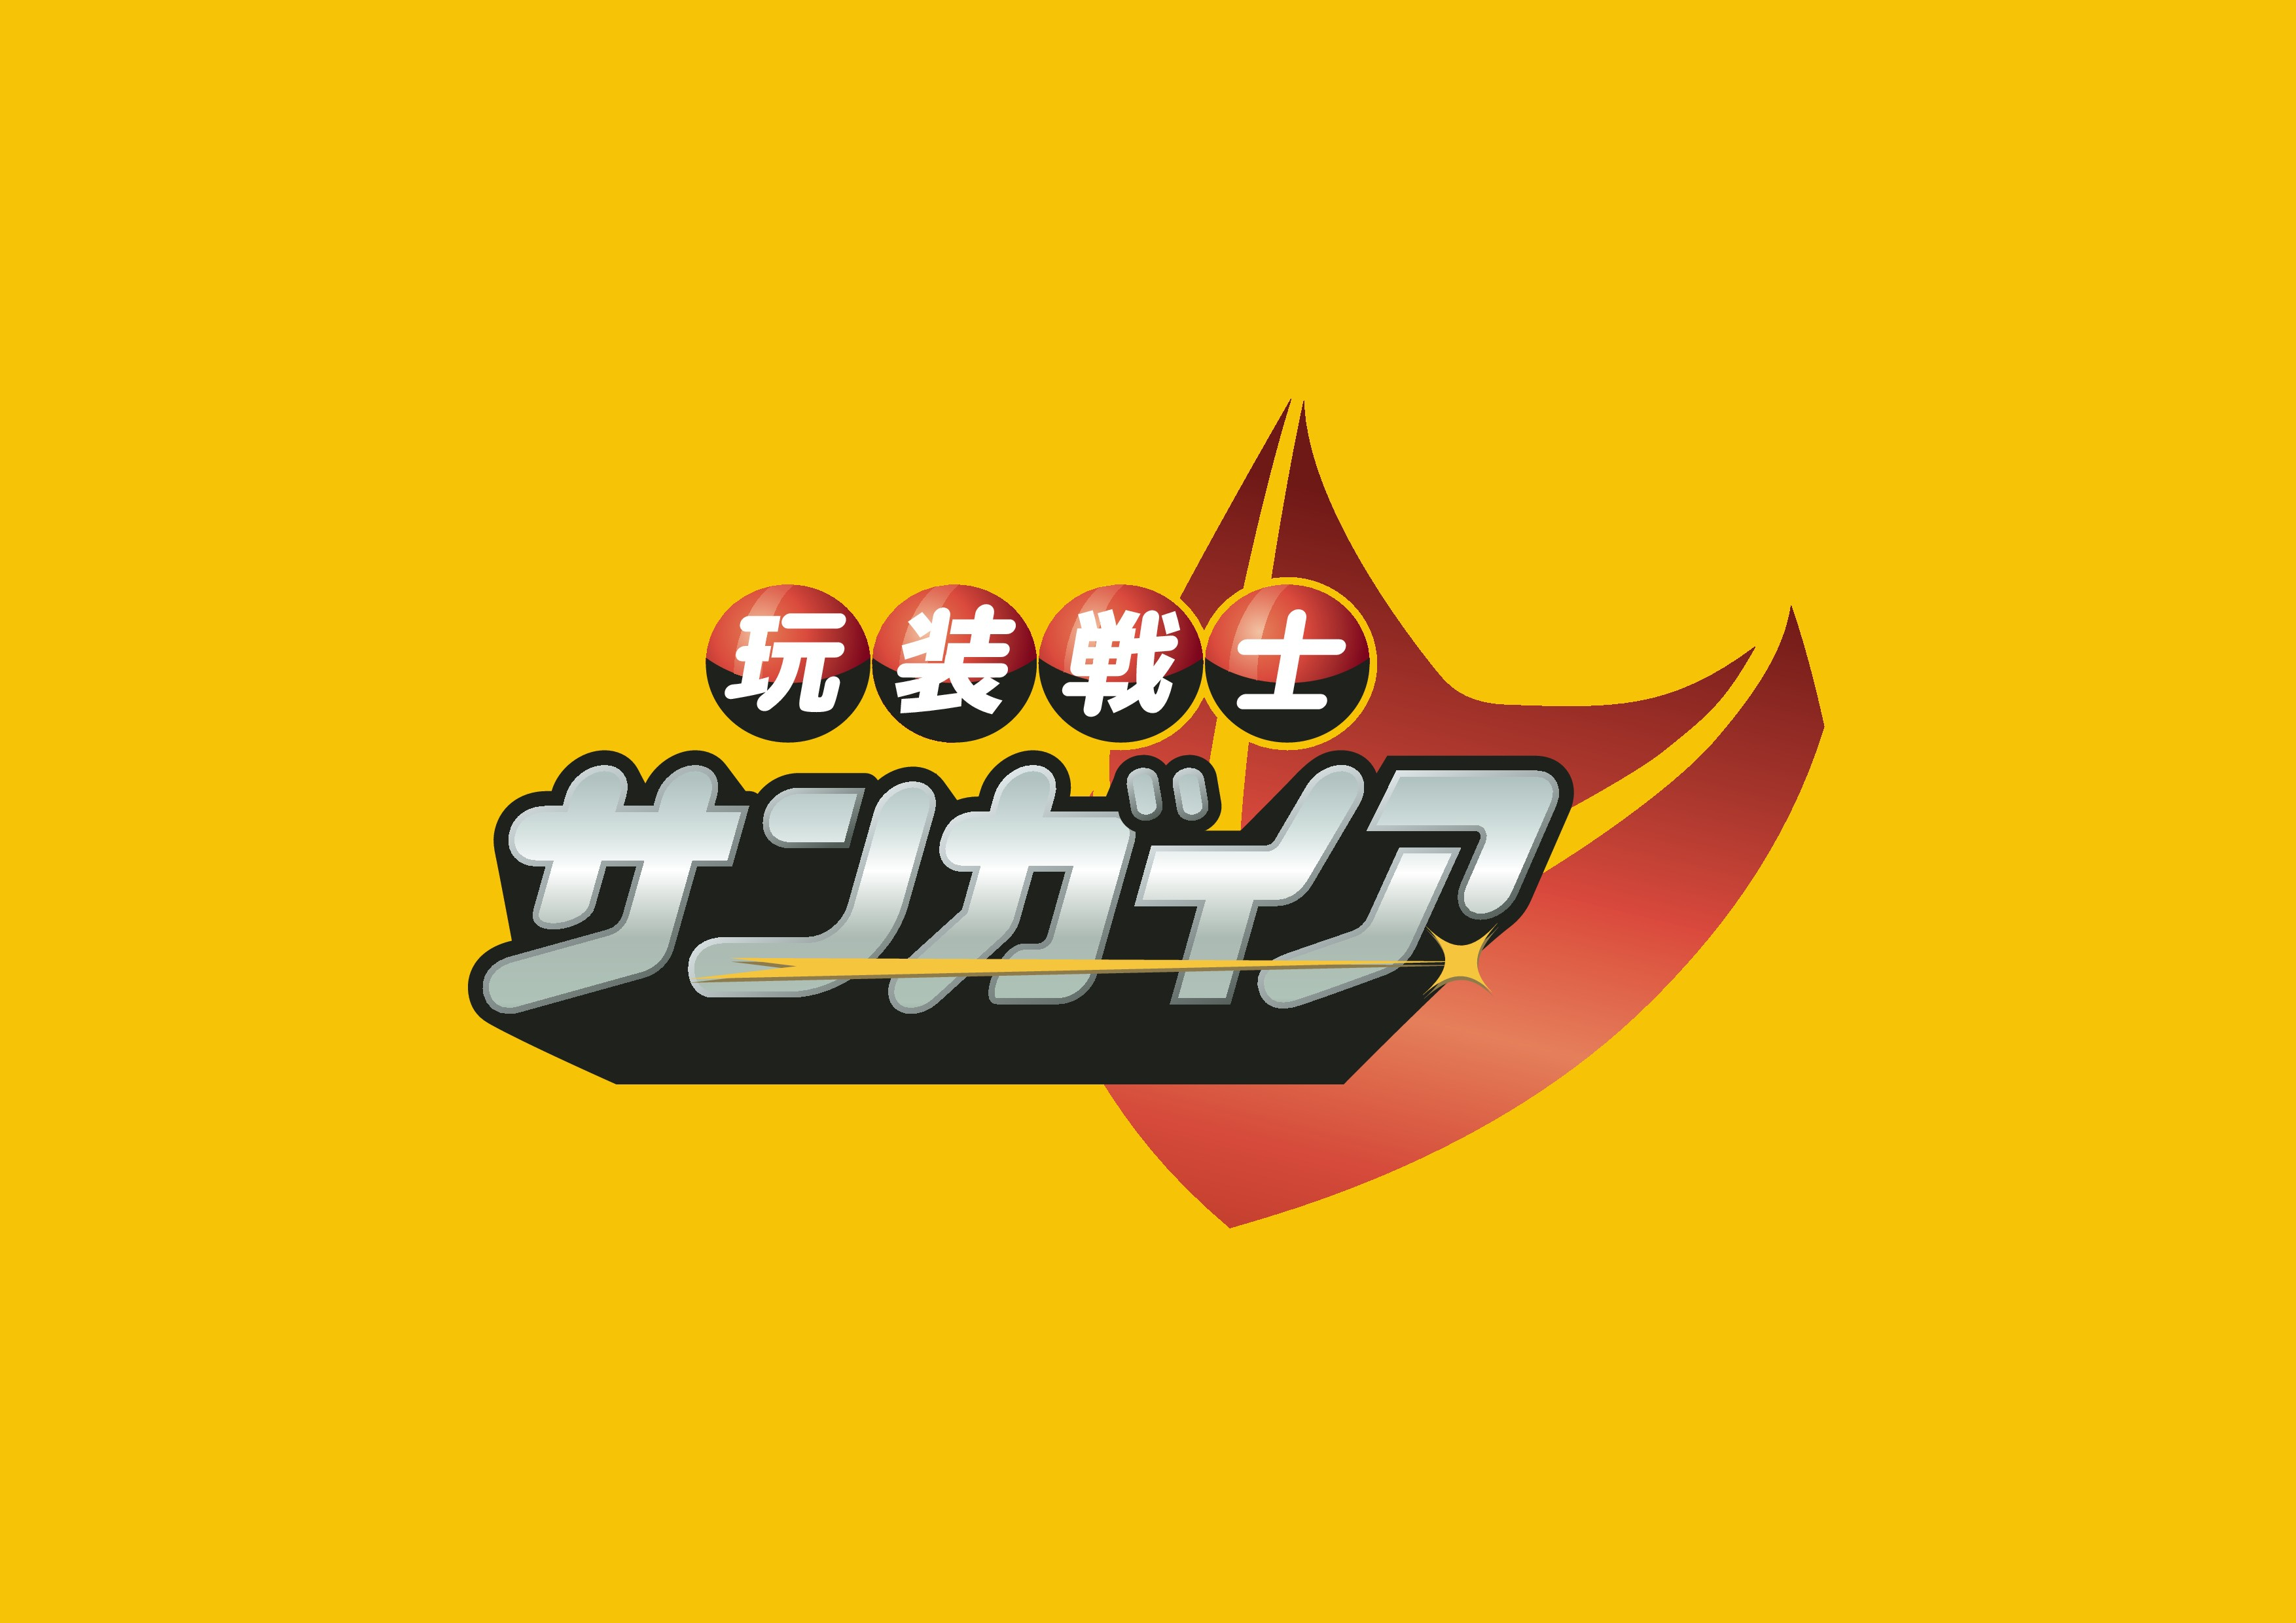 中野区のご当地ヒーロー(非公認)「玩装戦士サンガイア」のロゴをお願いします